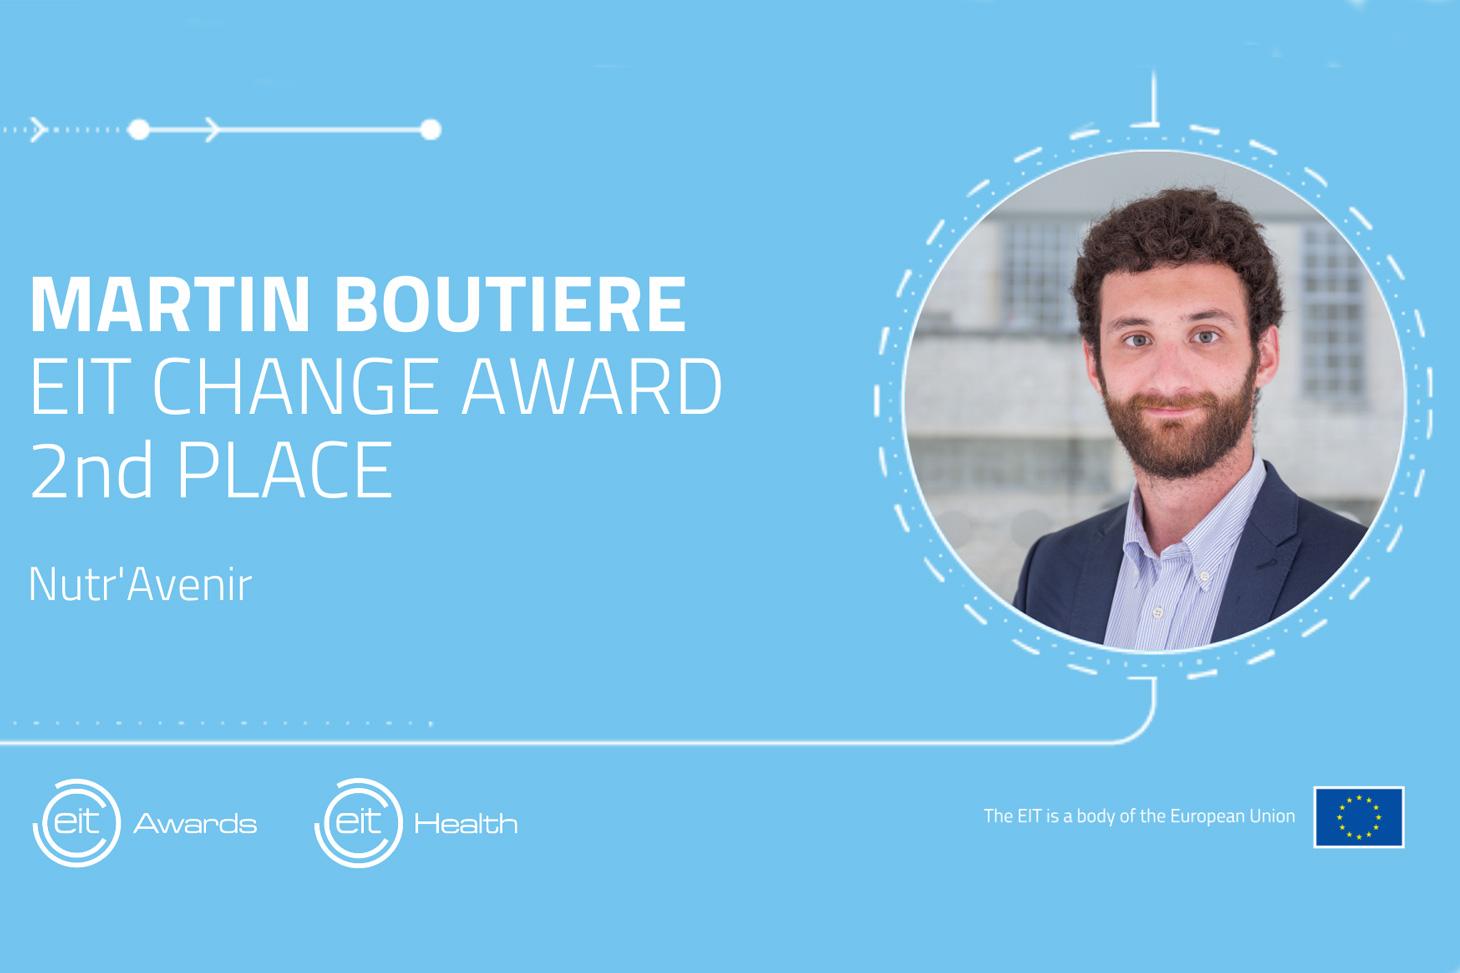 Doctorant au sein du Laboratoire de bioénergétique fondamentale et appliquée (LBFA - Inserm, UGA), Martin Boutière est le premier étudiant français à être distingué dans la catégorie